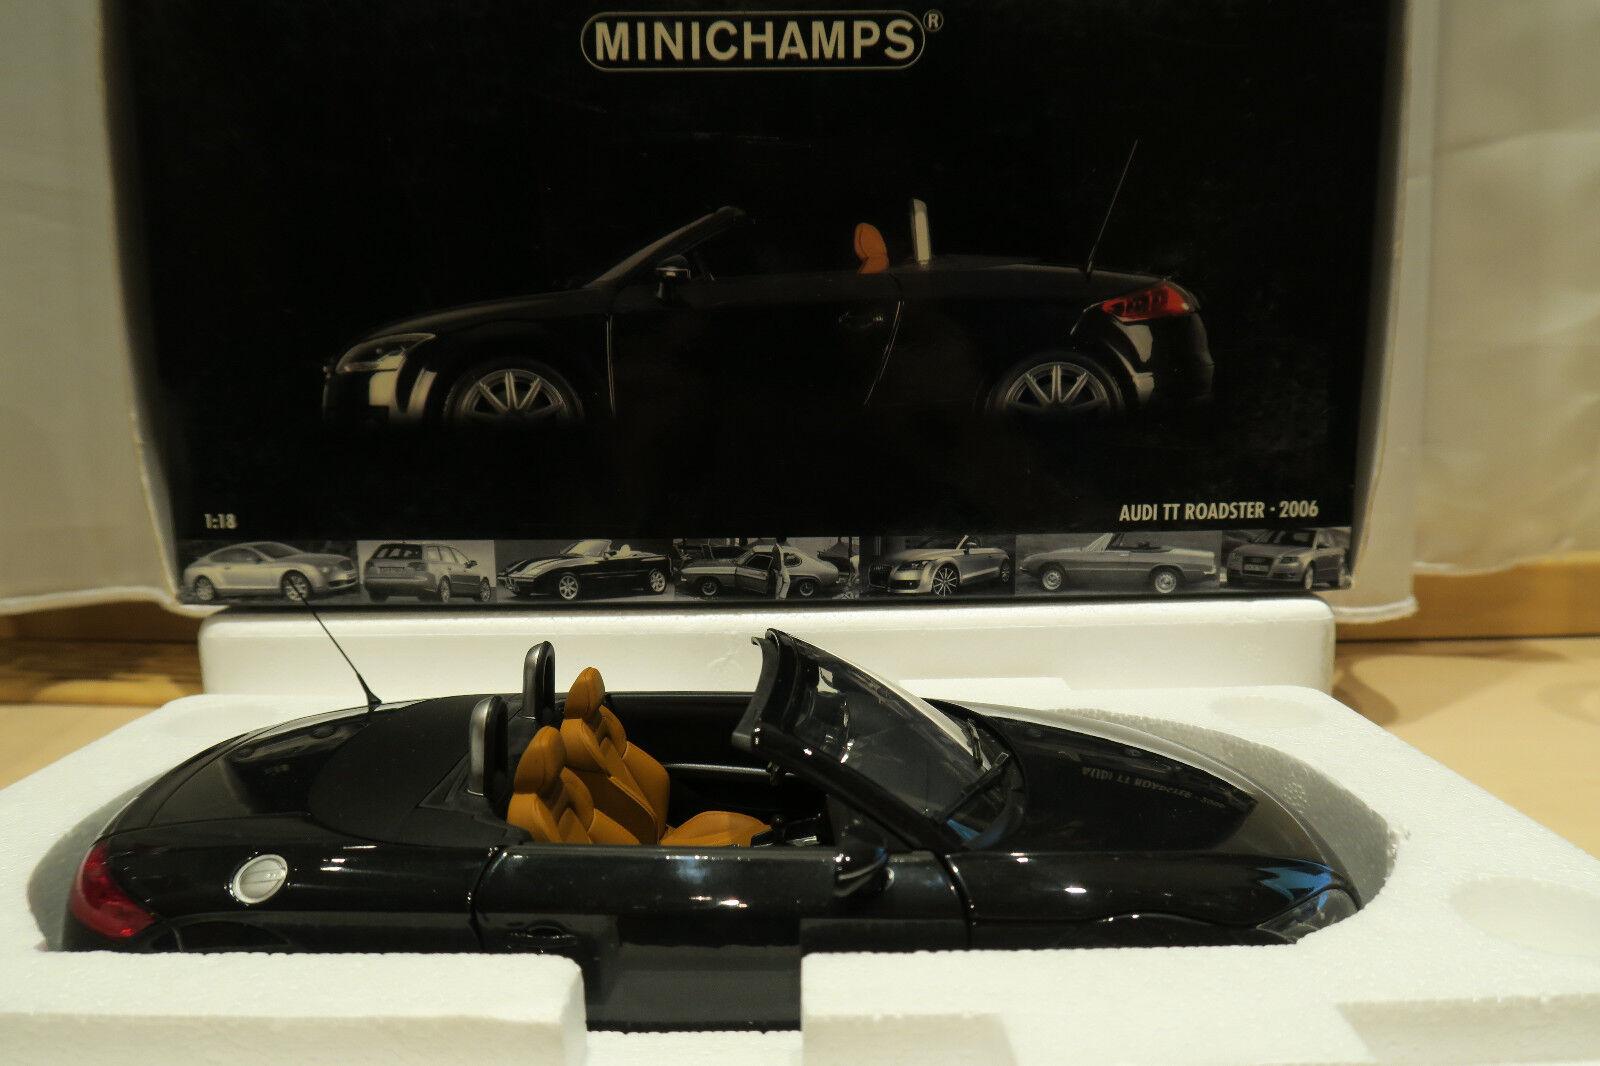 venta de ofertas Audi TT Roadster Roadster Roadster 2006 Minichamps 1 18 negro metallic  Venta en línea precio bajo descuento